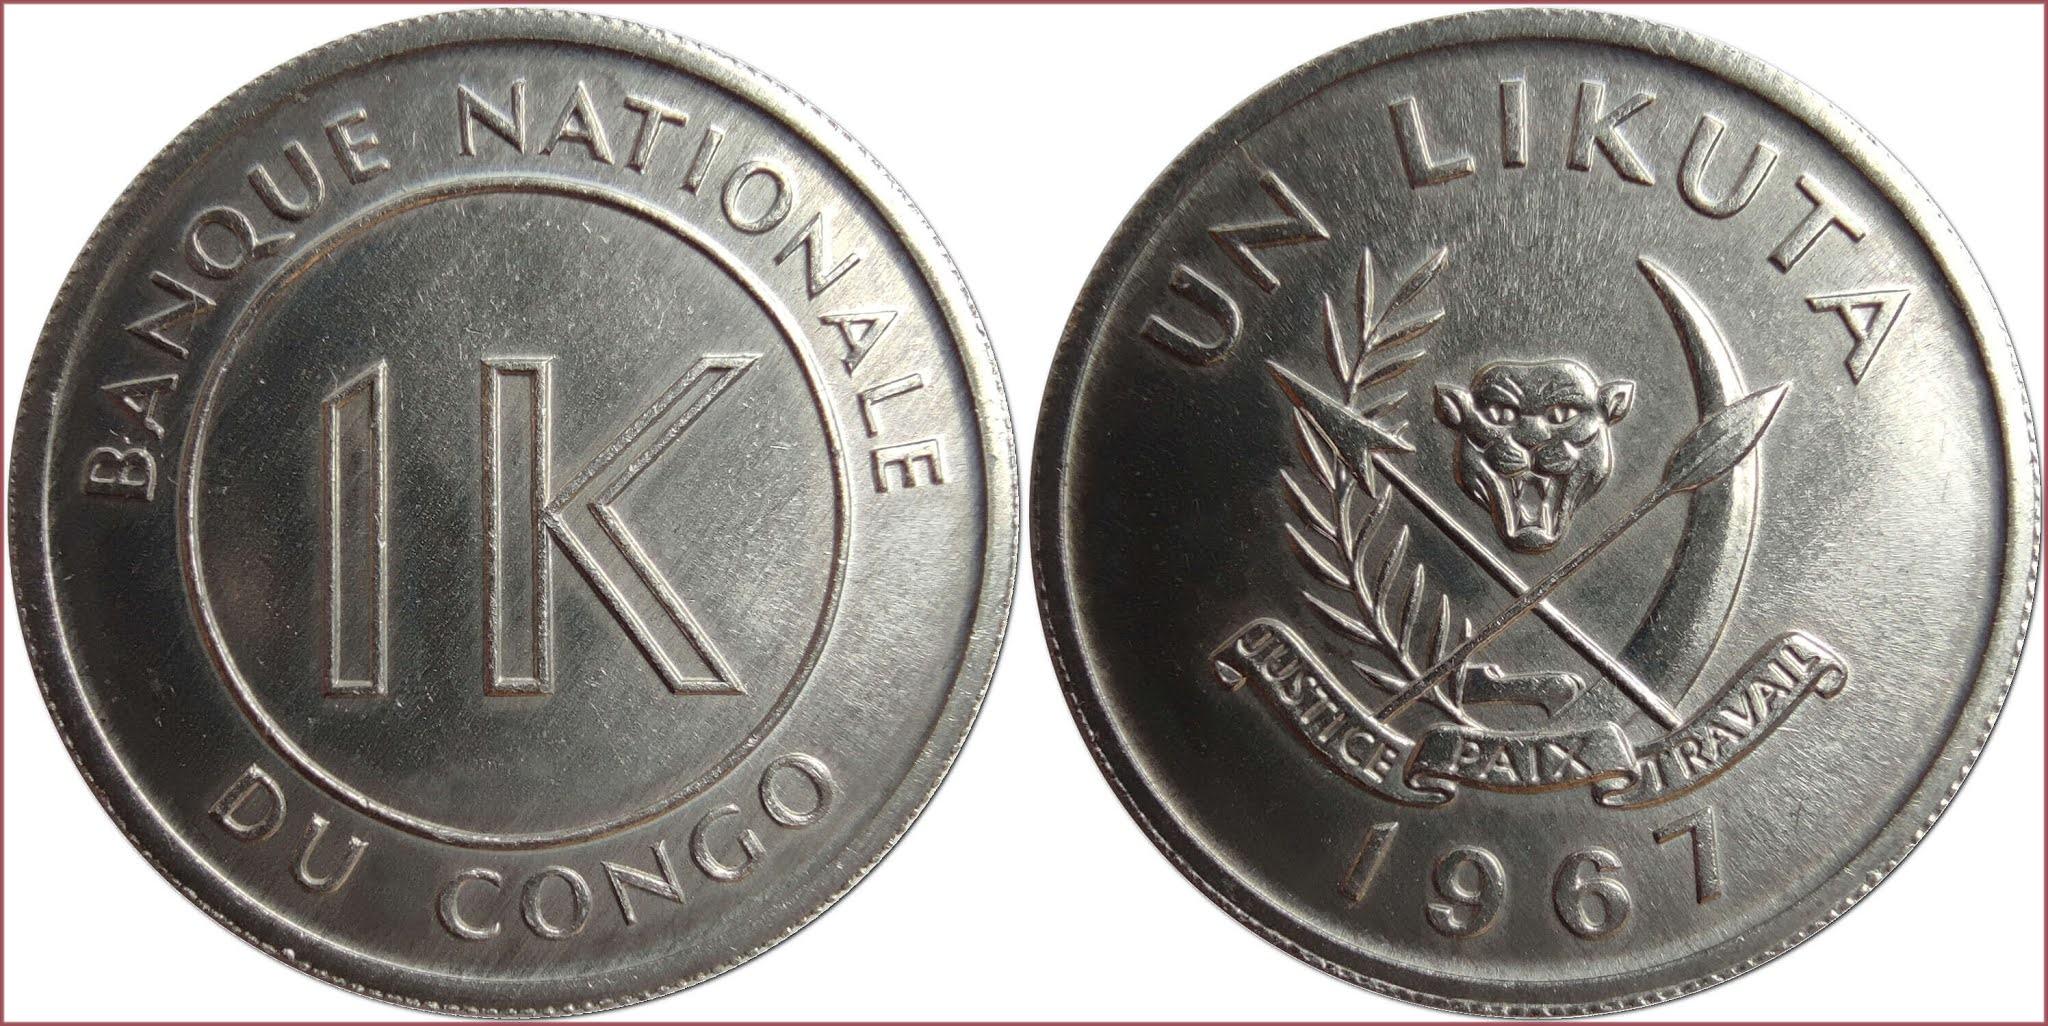 1 likuta (plural: makuta), 1967: Democratic Republic of the Congo (DRC)